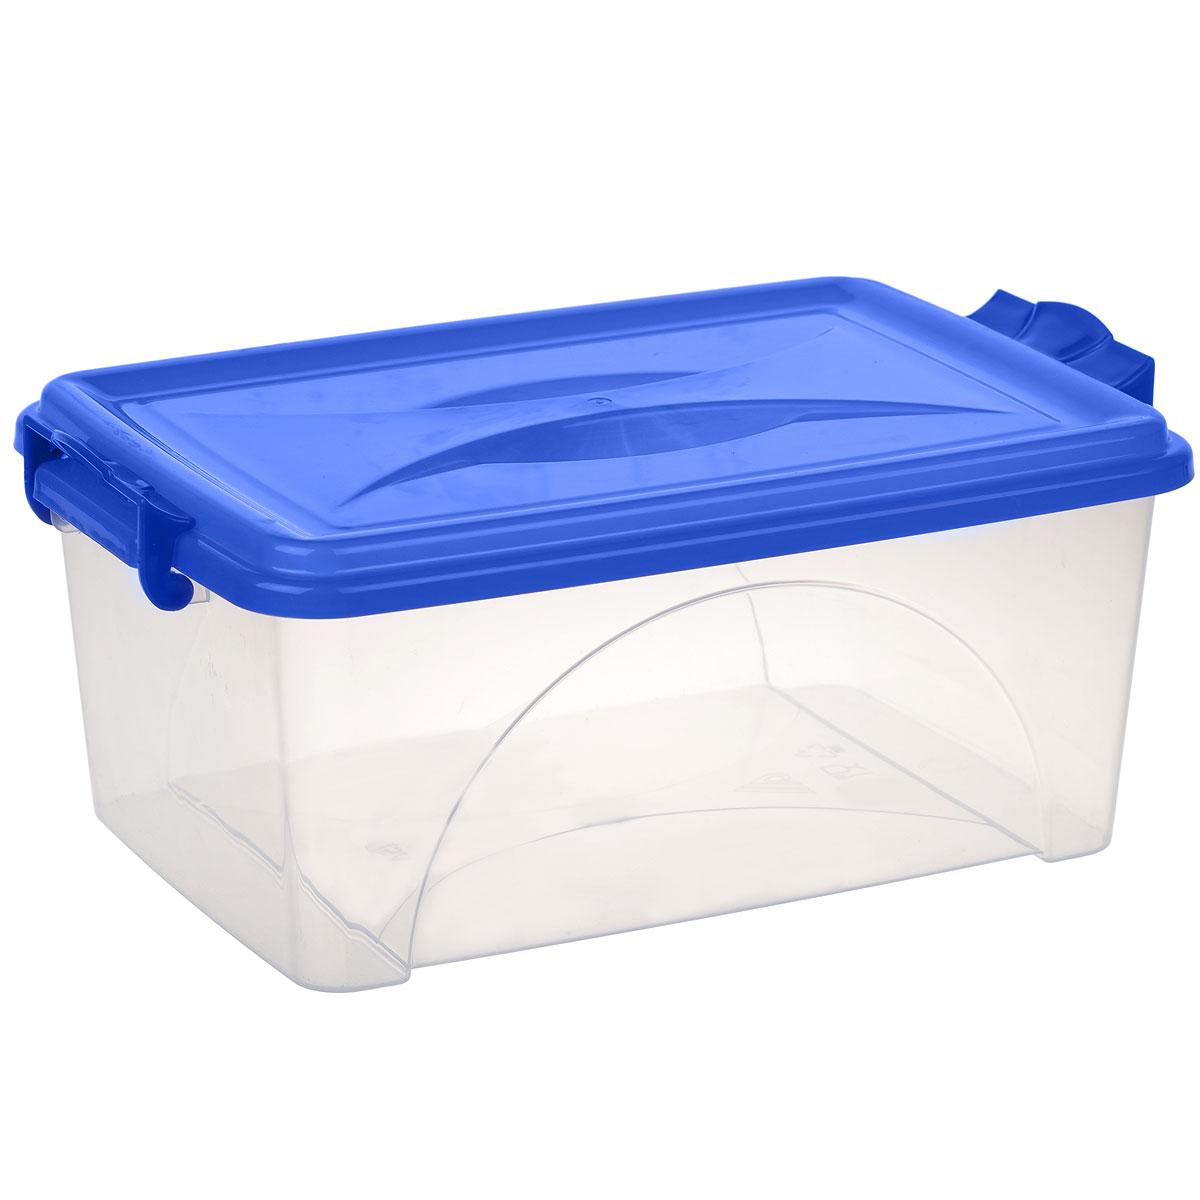 Контейнер Альтернатива, цвет: синий, 7,5 лRG-D31SКонтейнер Альтернатива выполнен из прочного пластика. Он предназначен для хранения различных мелких вещей. Крышка легко открывается и плотно закрывается. Прозрачные стенки позволяют видеть содержимое. По бокам предусмотрены две удобные ручки, с помощью которых контейнер закрывается.Контейнер поможет хранить все в одном месте, а также защитить вещи от пыли, грязи и влаги.